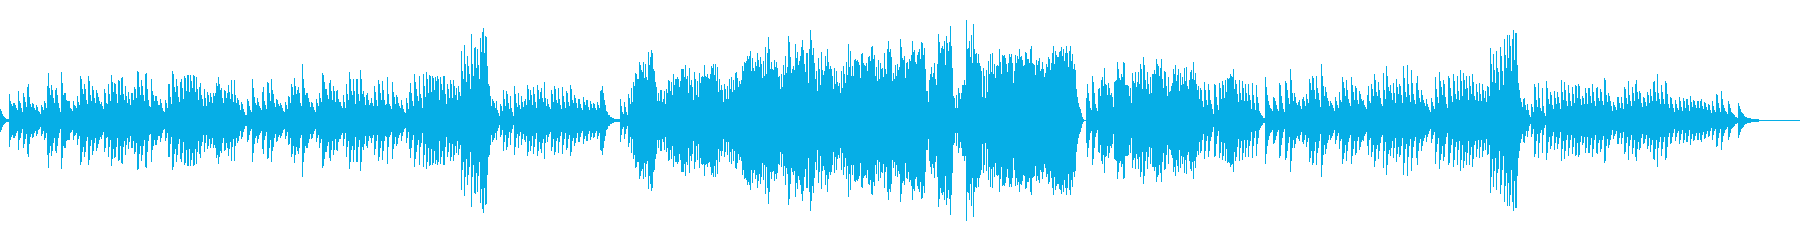 エチュード 作品10-3オルゴールverの再生済みの波形